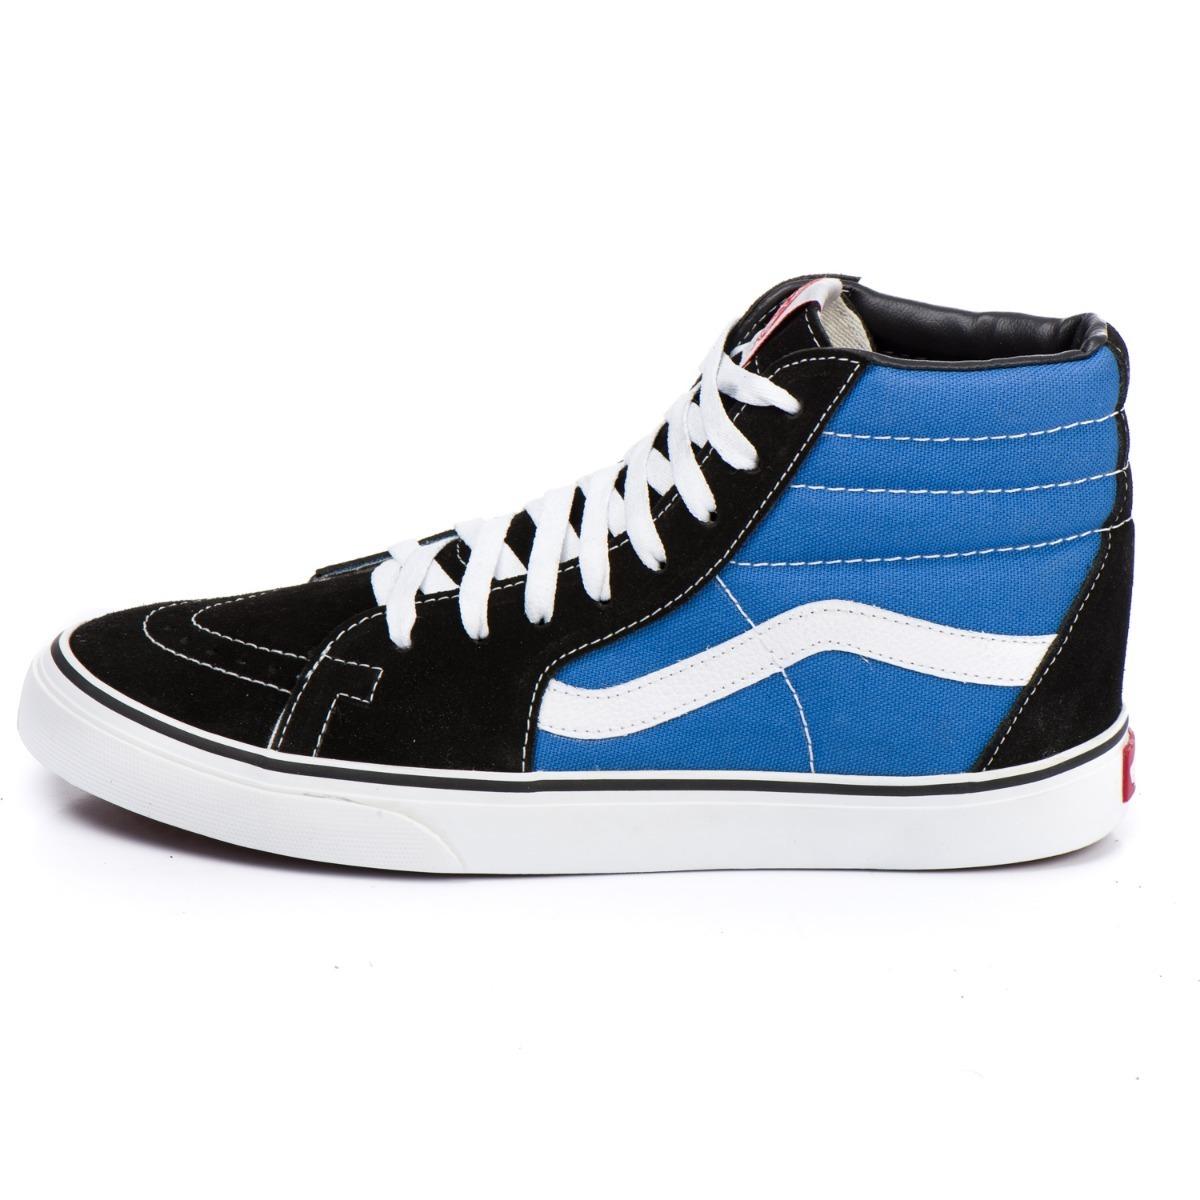 7afbc0ea2bb Tênis Vans Cano Alto Old Skool Preto E Azul Original 33-43 - R  199 ...